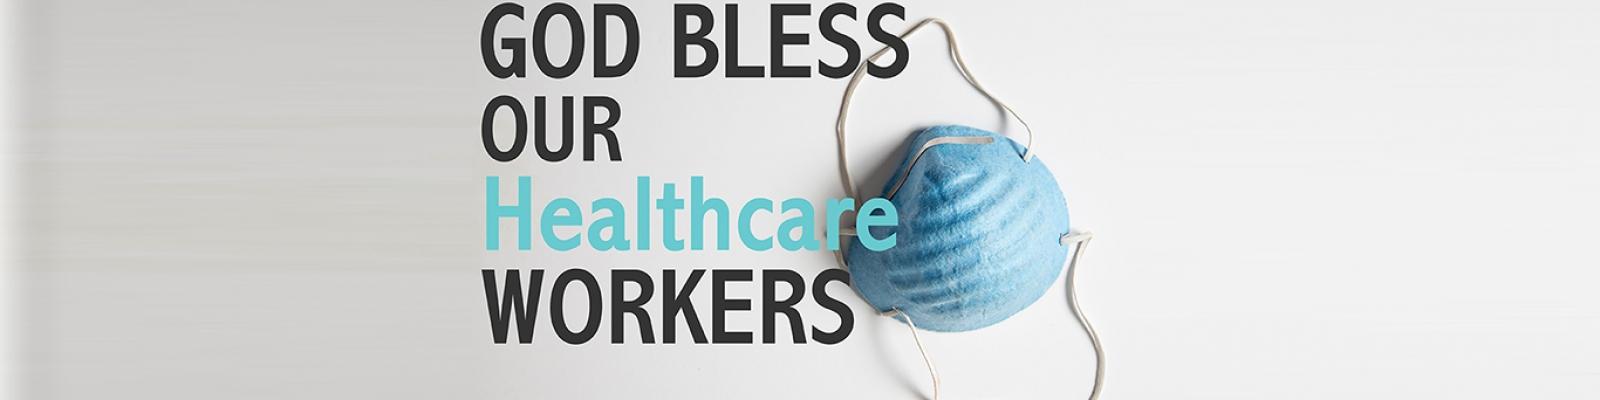 health_workers_appreciation